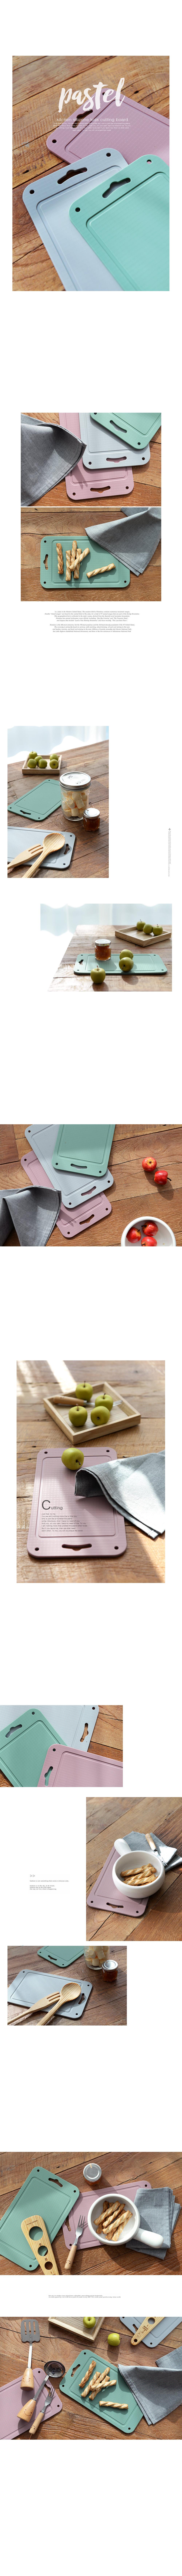 파스텔 실리콘 이유식도마(3color) annahouse - 안나하우스, 9,500원, 도마, 도마 꽂이